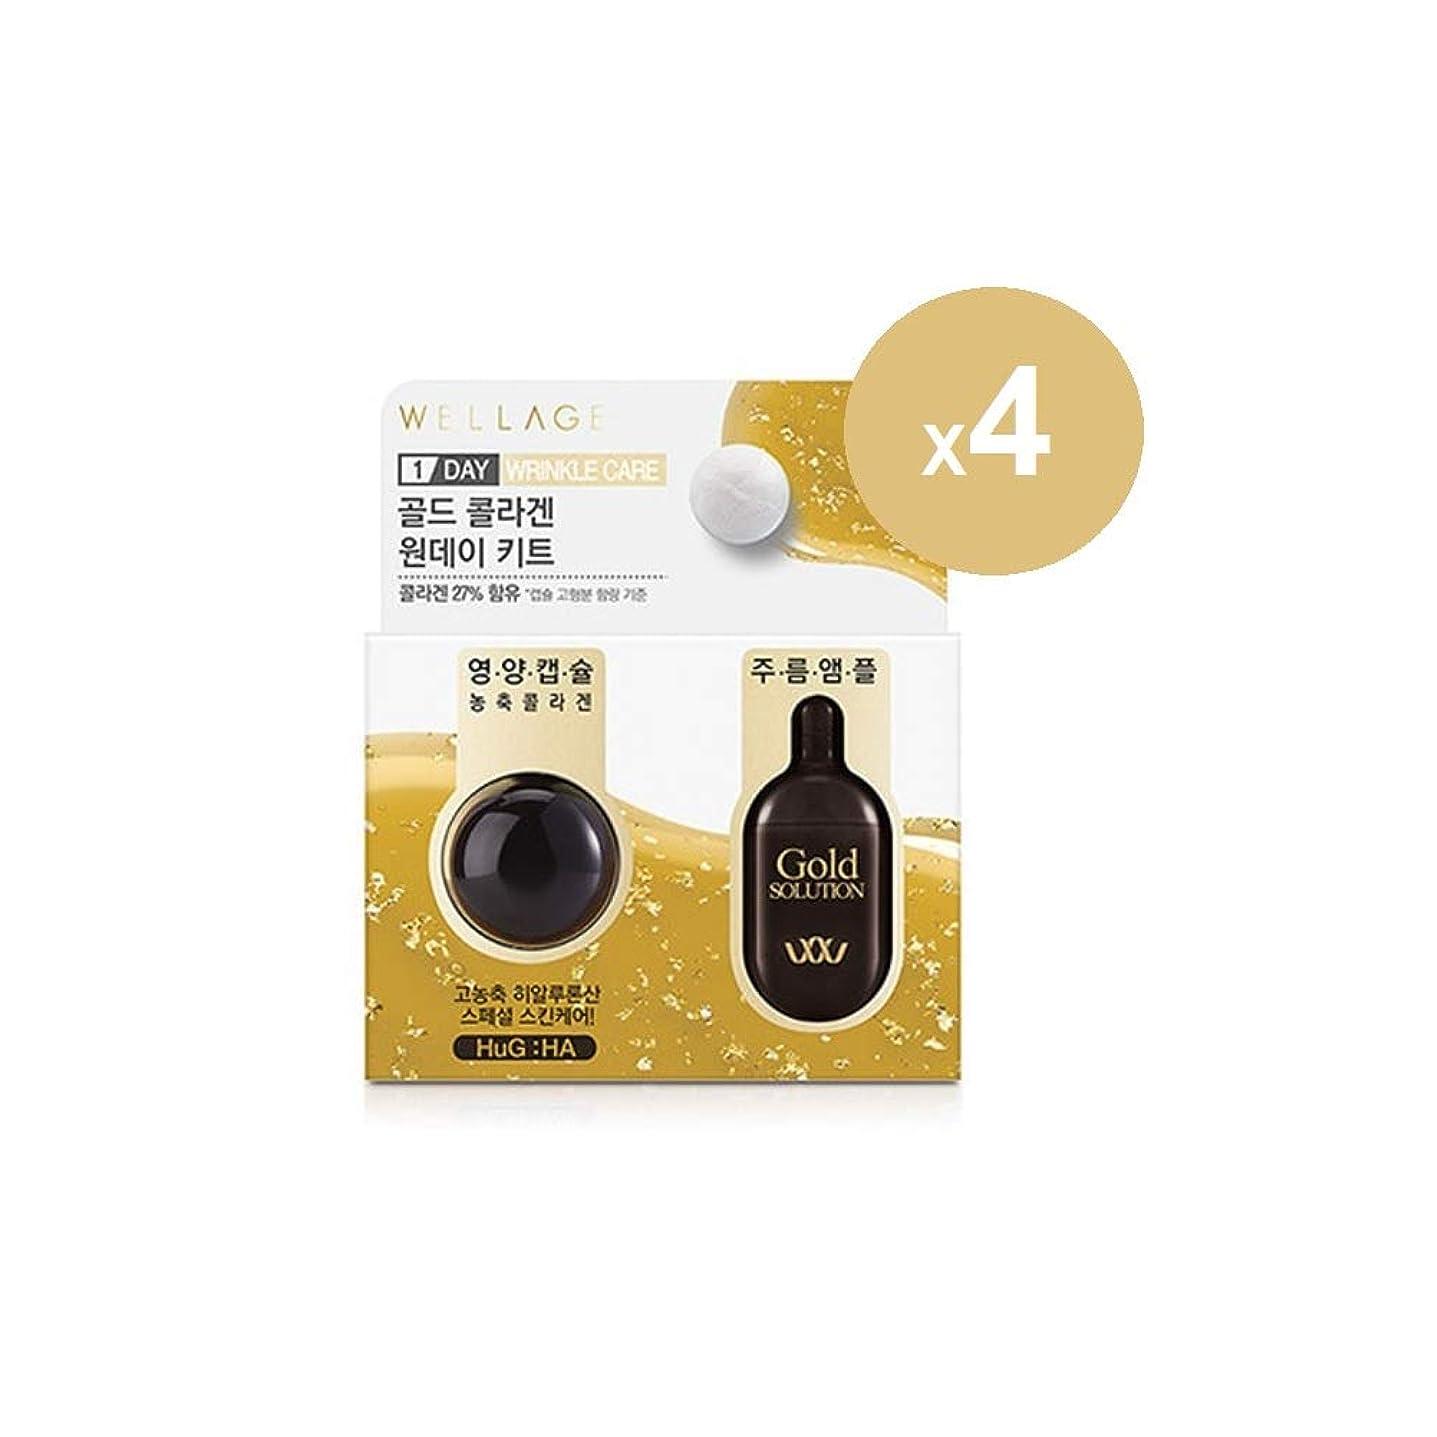 確率行商人戦いwellage☆Real Collagen Bio Capsule&Gold Solution☆ウェルラジュ ゴールドコラーゲン1dayキット [並行輸入品]